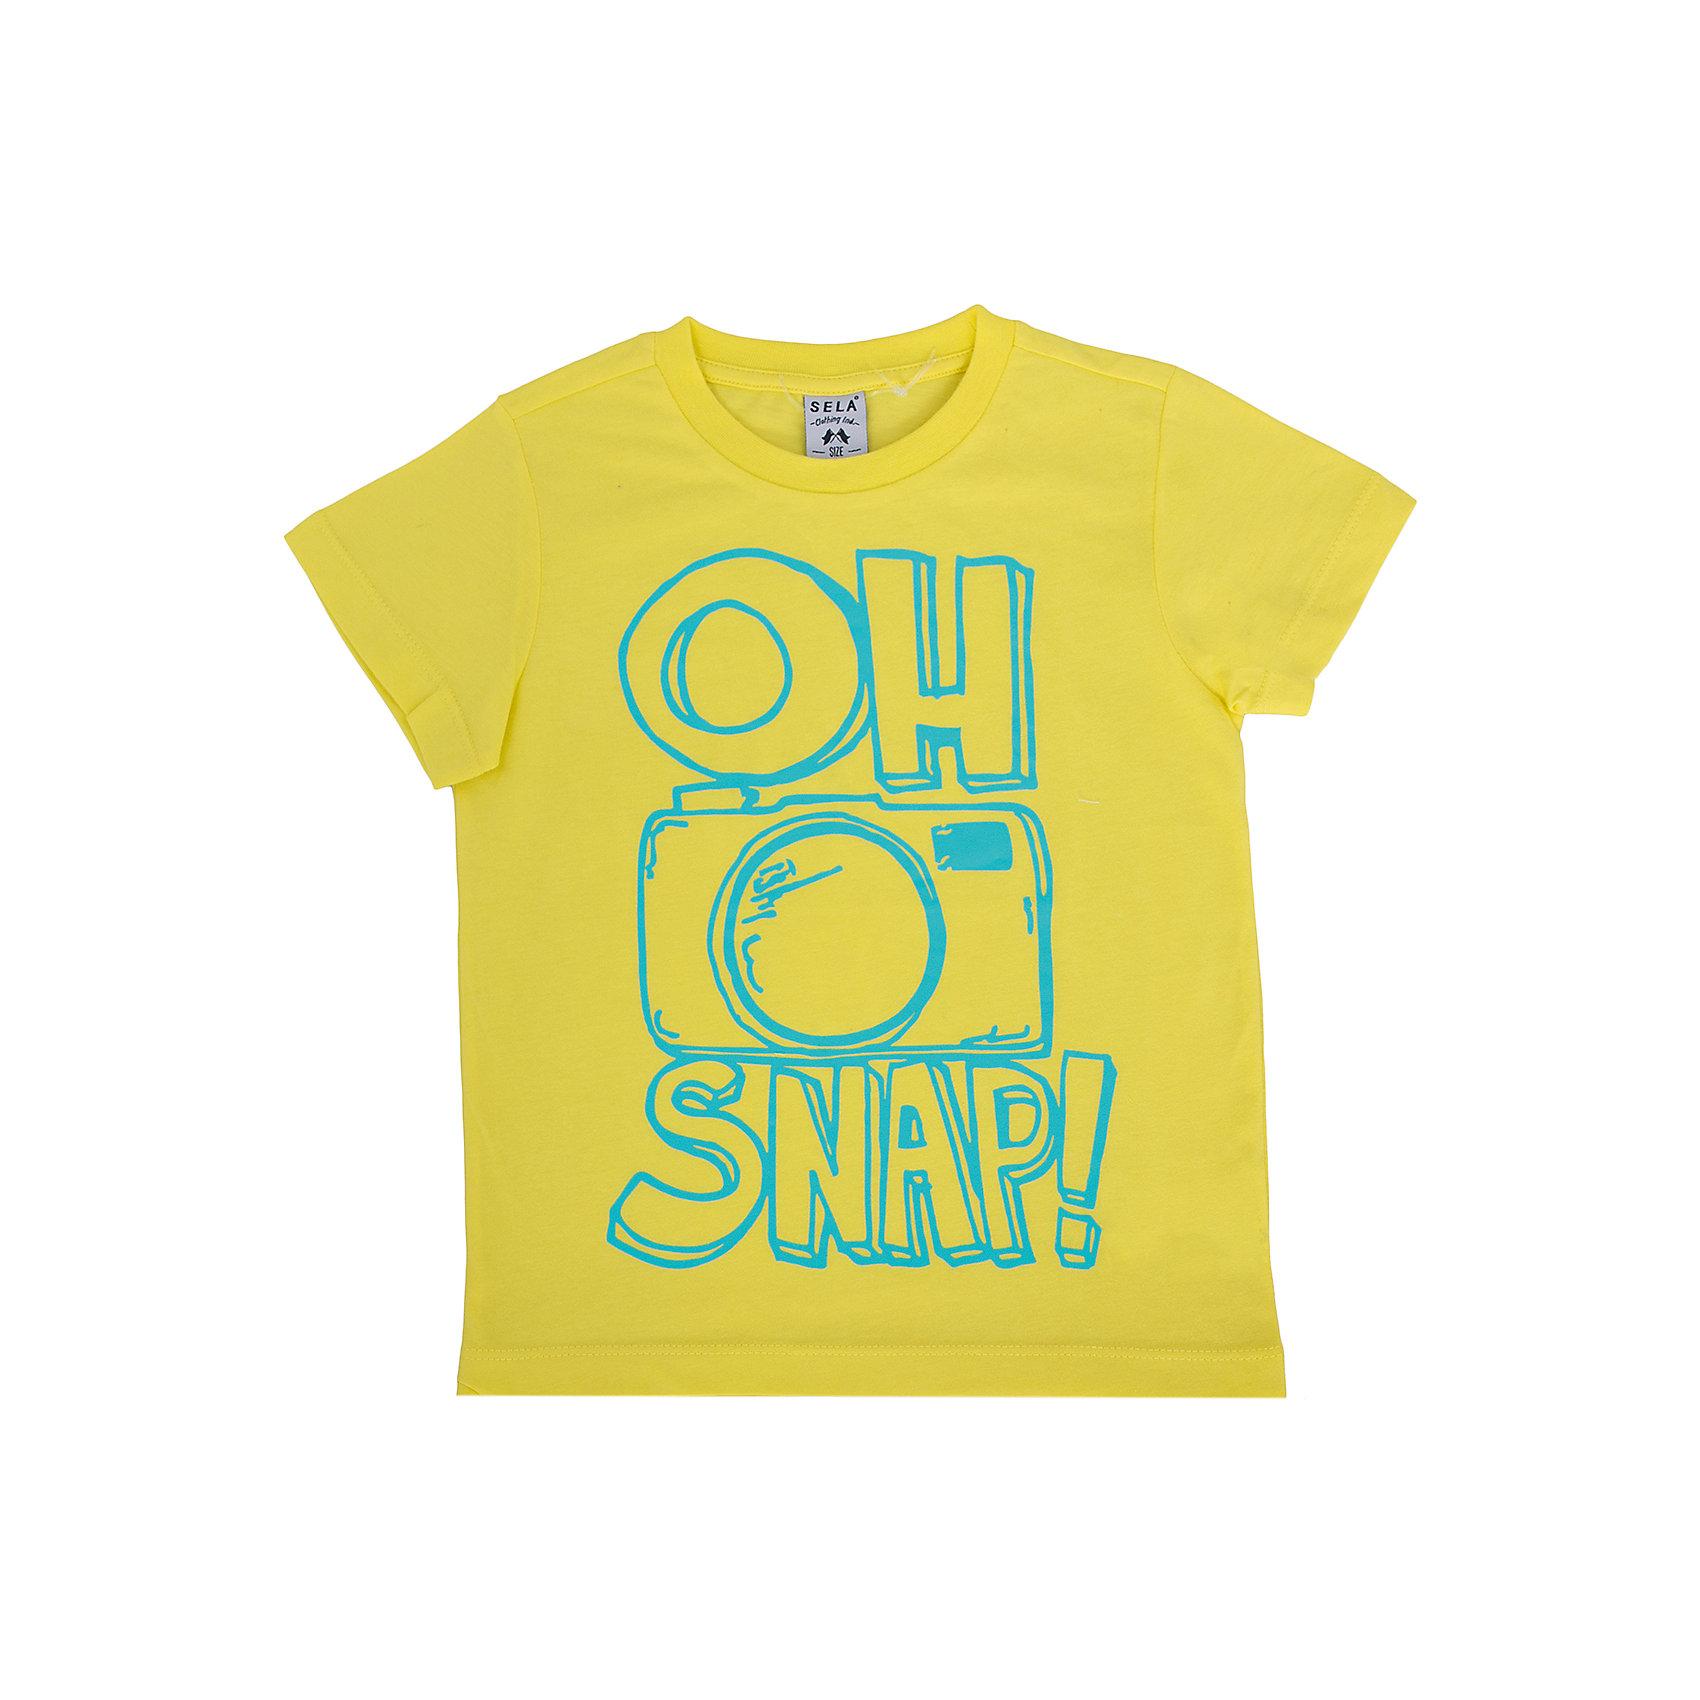 Футболка для мальчика SELAФутболки, поло и топы<br>Яркая футболка для мальчика от популярного бренда SELA. Изделие выполнено из натурального гипоаллергенного трикотажа, очень мягкого, дышащего и приятного к телу, и обладает следующими особенностями:<br>- насыщенный желтый цвет, эффектный принт на груди;<br>- эластичная отделка горловины;<br>- комфортный крой, гарантирующий свободу движений;<br>- базовая модель.<br>Великолепный выбор для активного лета!<br><br>Дополнительная информация:<br>- состав: 100% хлопок<br>- цвет: желтый + принт<br><br>Футболку для мальчика SELA (СЕЛА) можно купить в нашем магазине<br><br>Ширина мм: 230<br>Глубина мм: 40<br>Высота мм: 220<br>Вес г: 250<br>Цвет: желтый<br>Возраст от месяцев: 60<br>Возраст до месяцев: 72<br>Пол: Мужской<br>Возраст: Детский<br>Размер: 116,92,98,104,110<br>SKU: 4741207